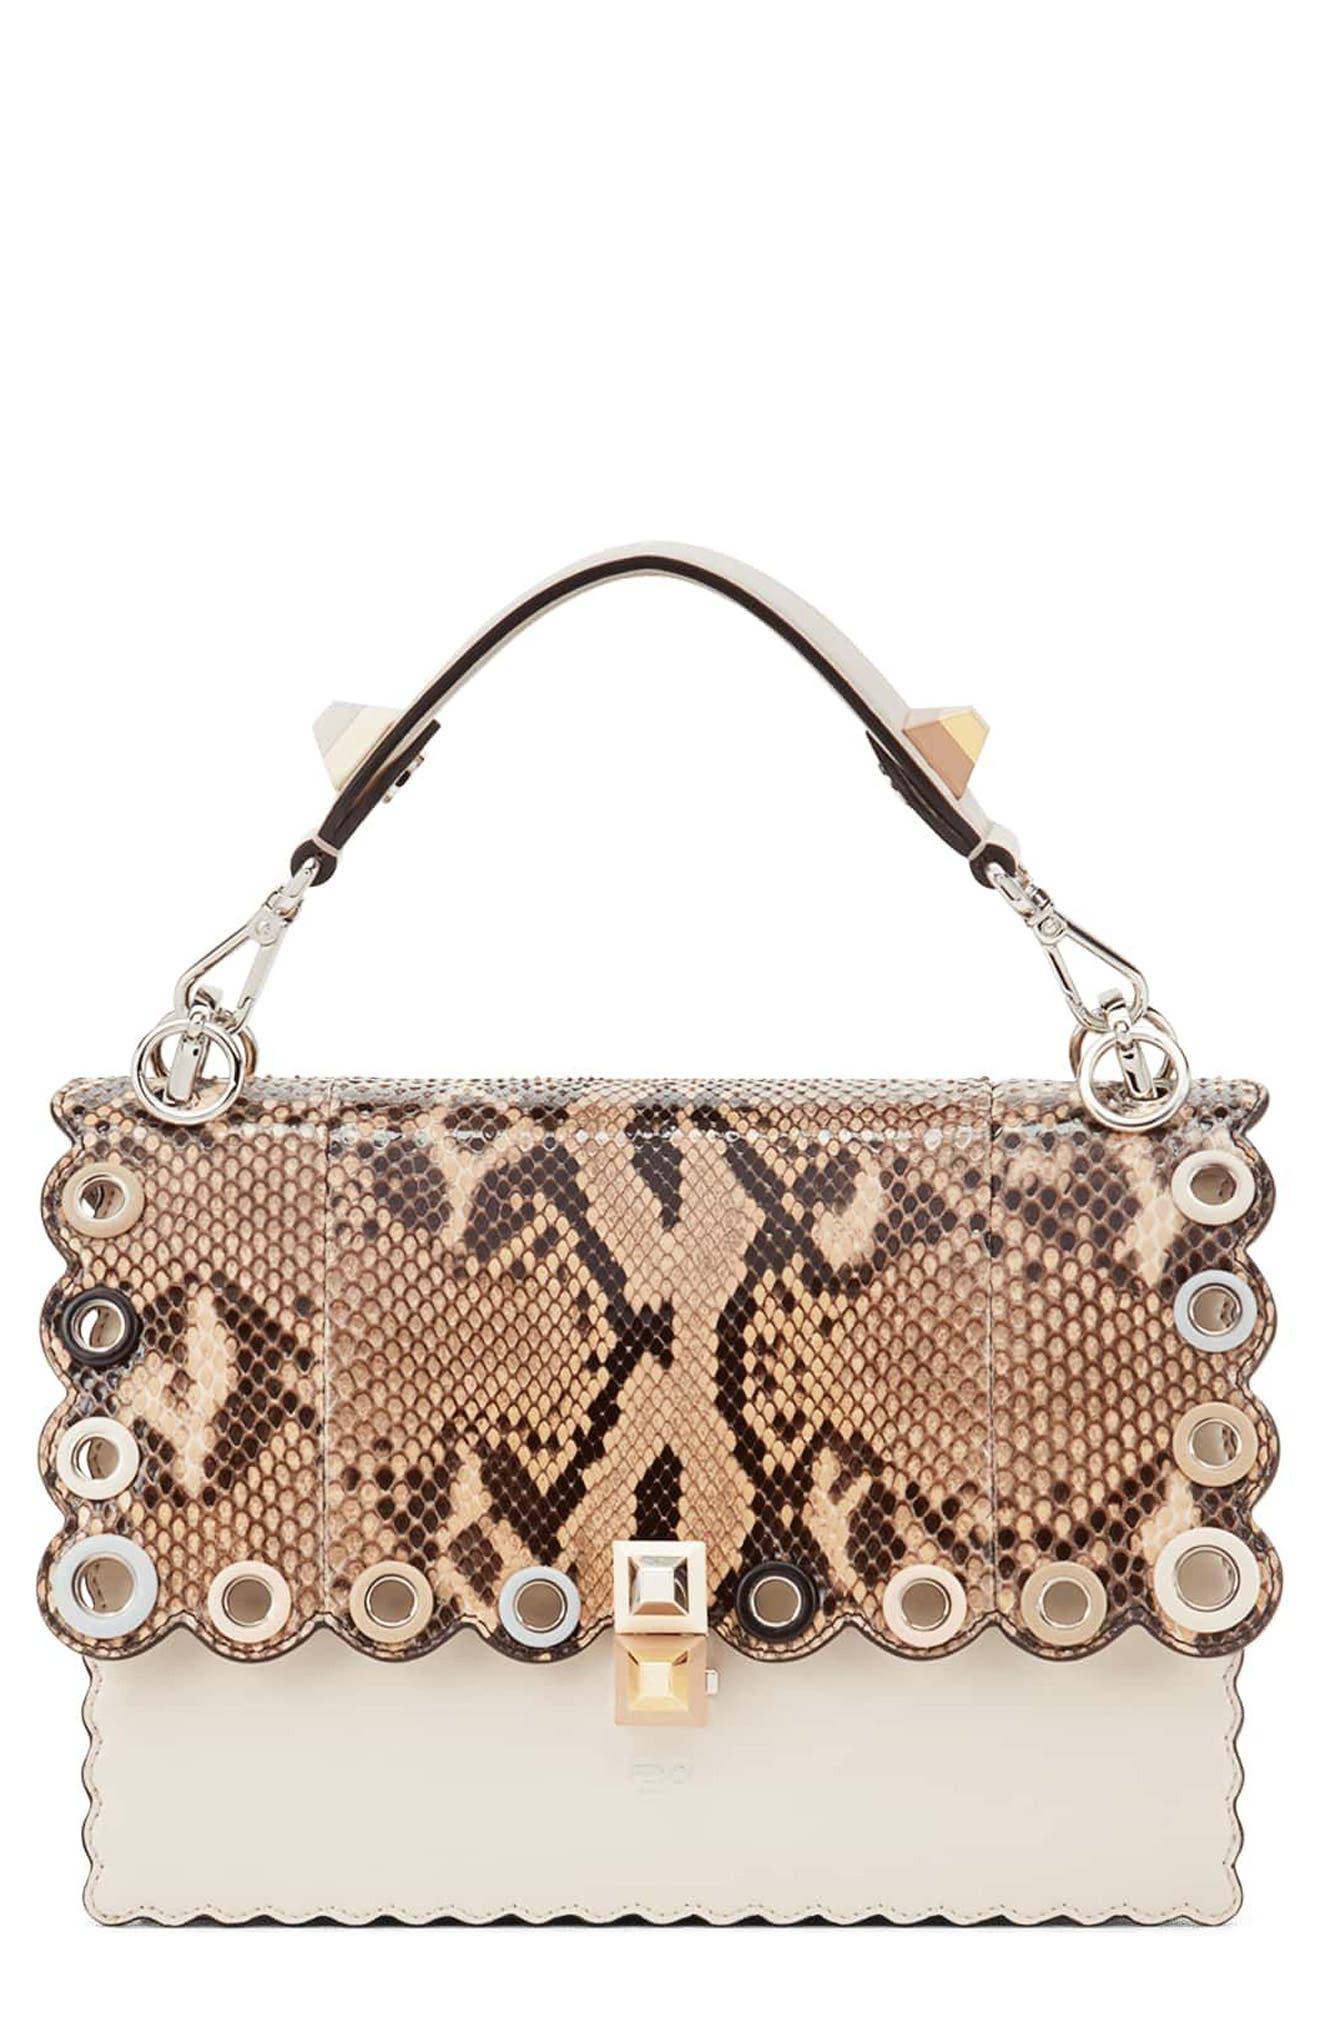 Small Kan I Genuine Python & Calfskin Shoulder Bag,                         Main,                         color, Camelia/ Makeup/ Python